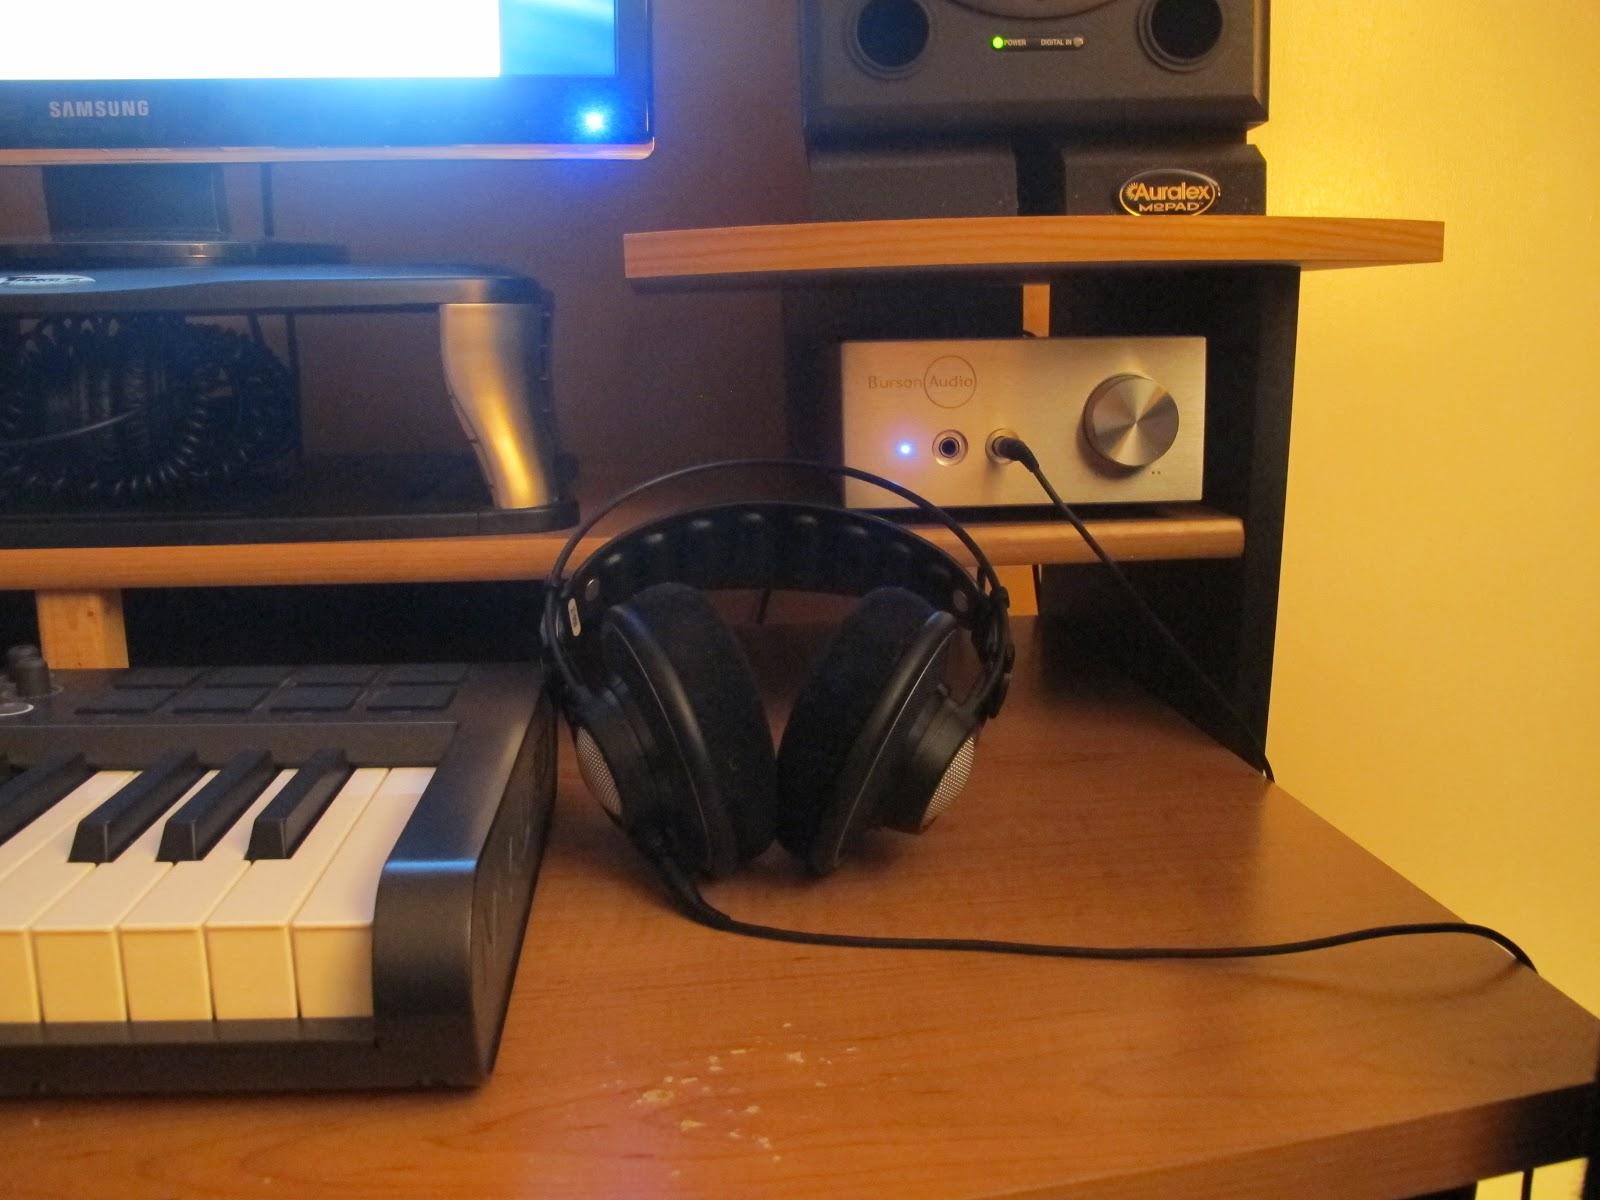 AKG K702 headphone amplifier